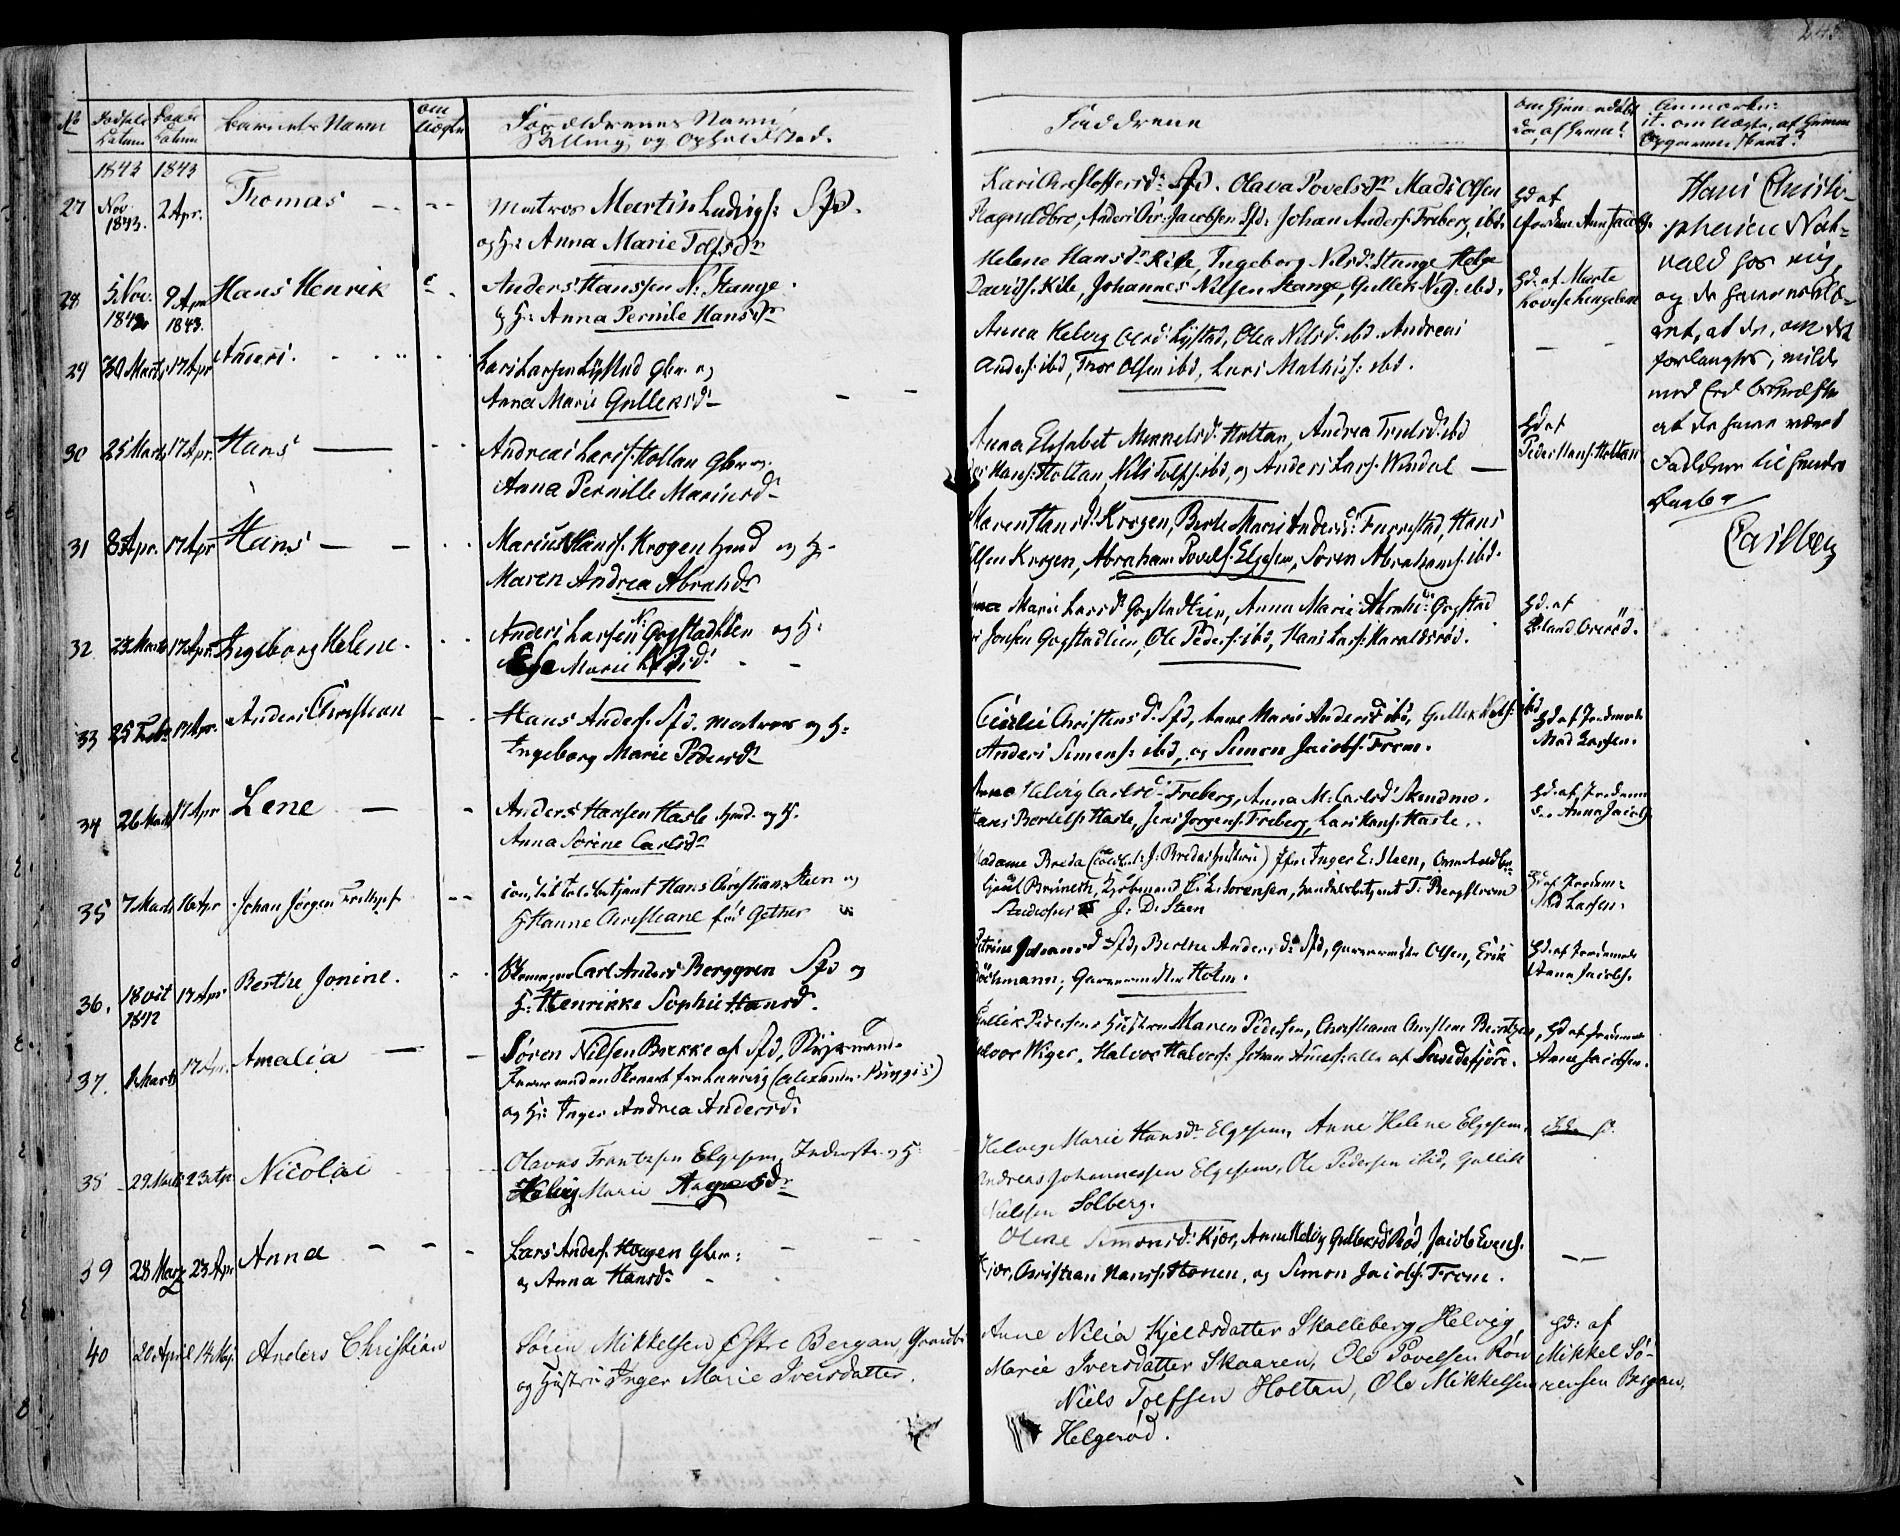 SAKO, Sandar kirkebøker, F/Fa/L0005: Ministerialbok nr. 5, 1832-1847, s. 244-245